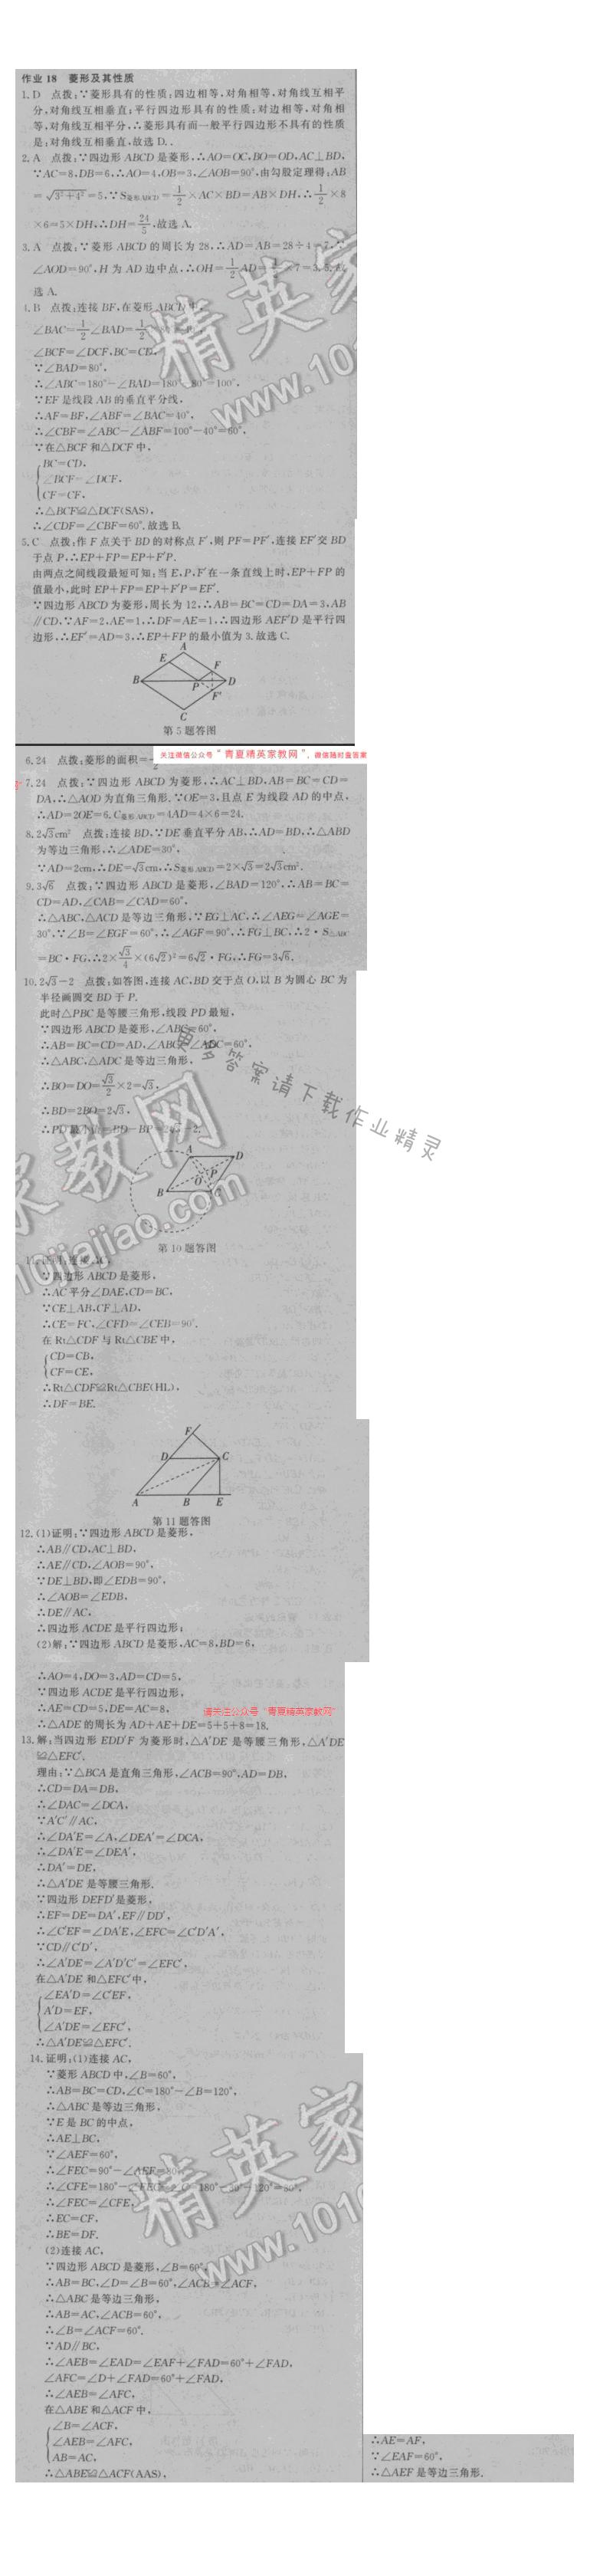 2016年启东中学作业本八年级数学下册江苏版 第九章 作业18